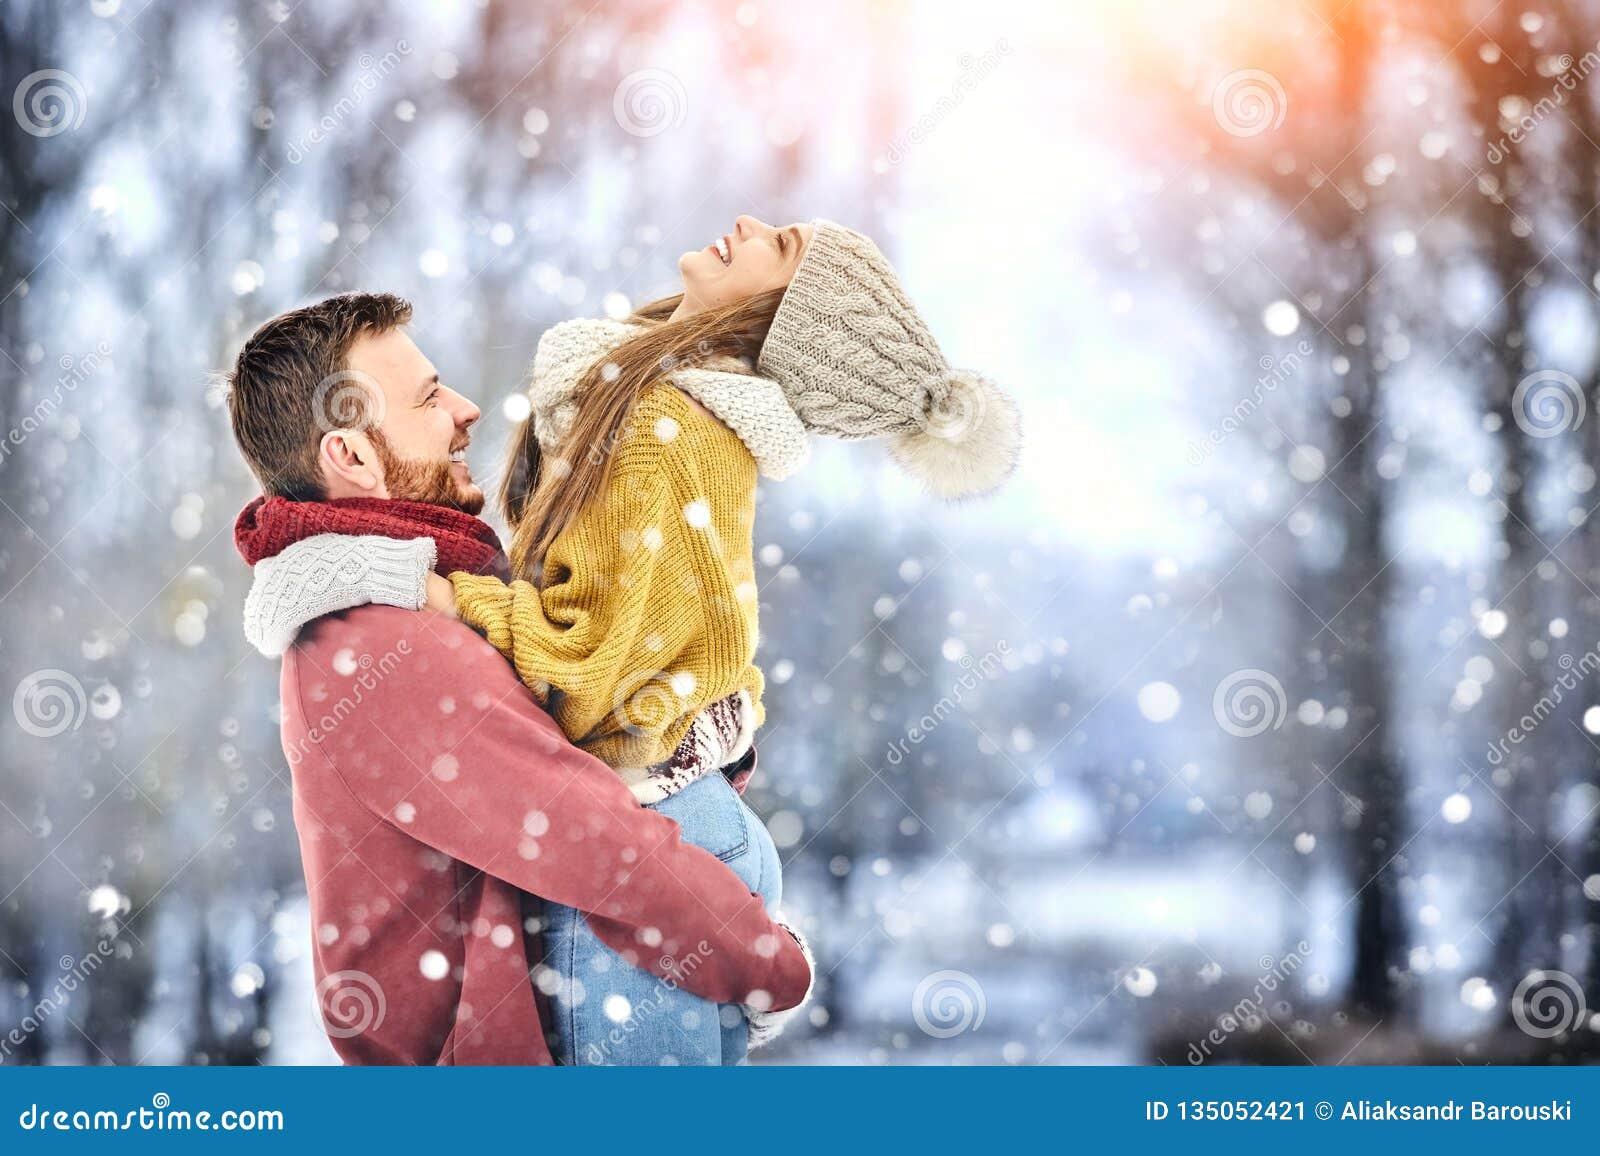 Glückliche junge Paare im Winter parken das lachen und Haben des Spaßes Familie draußen